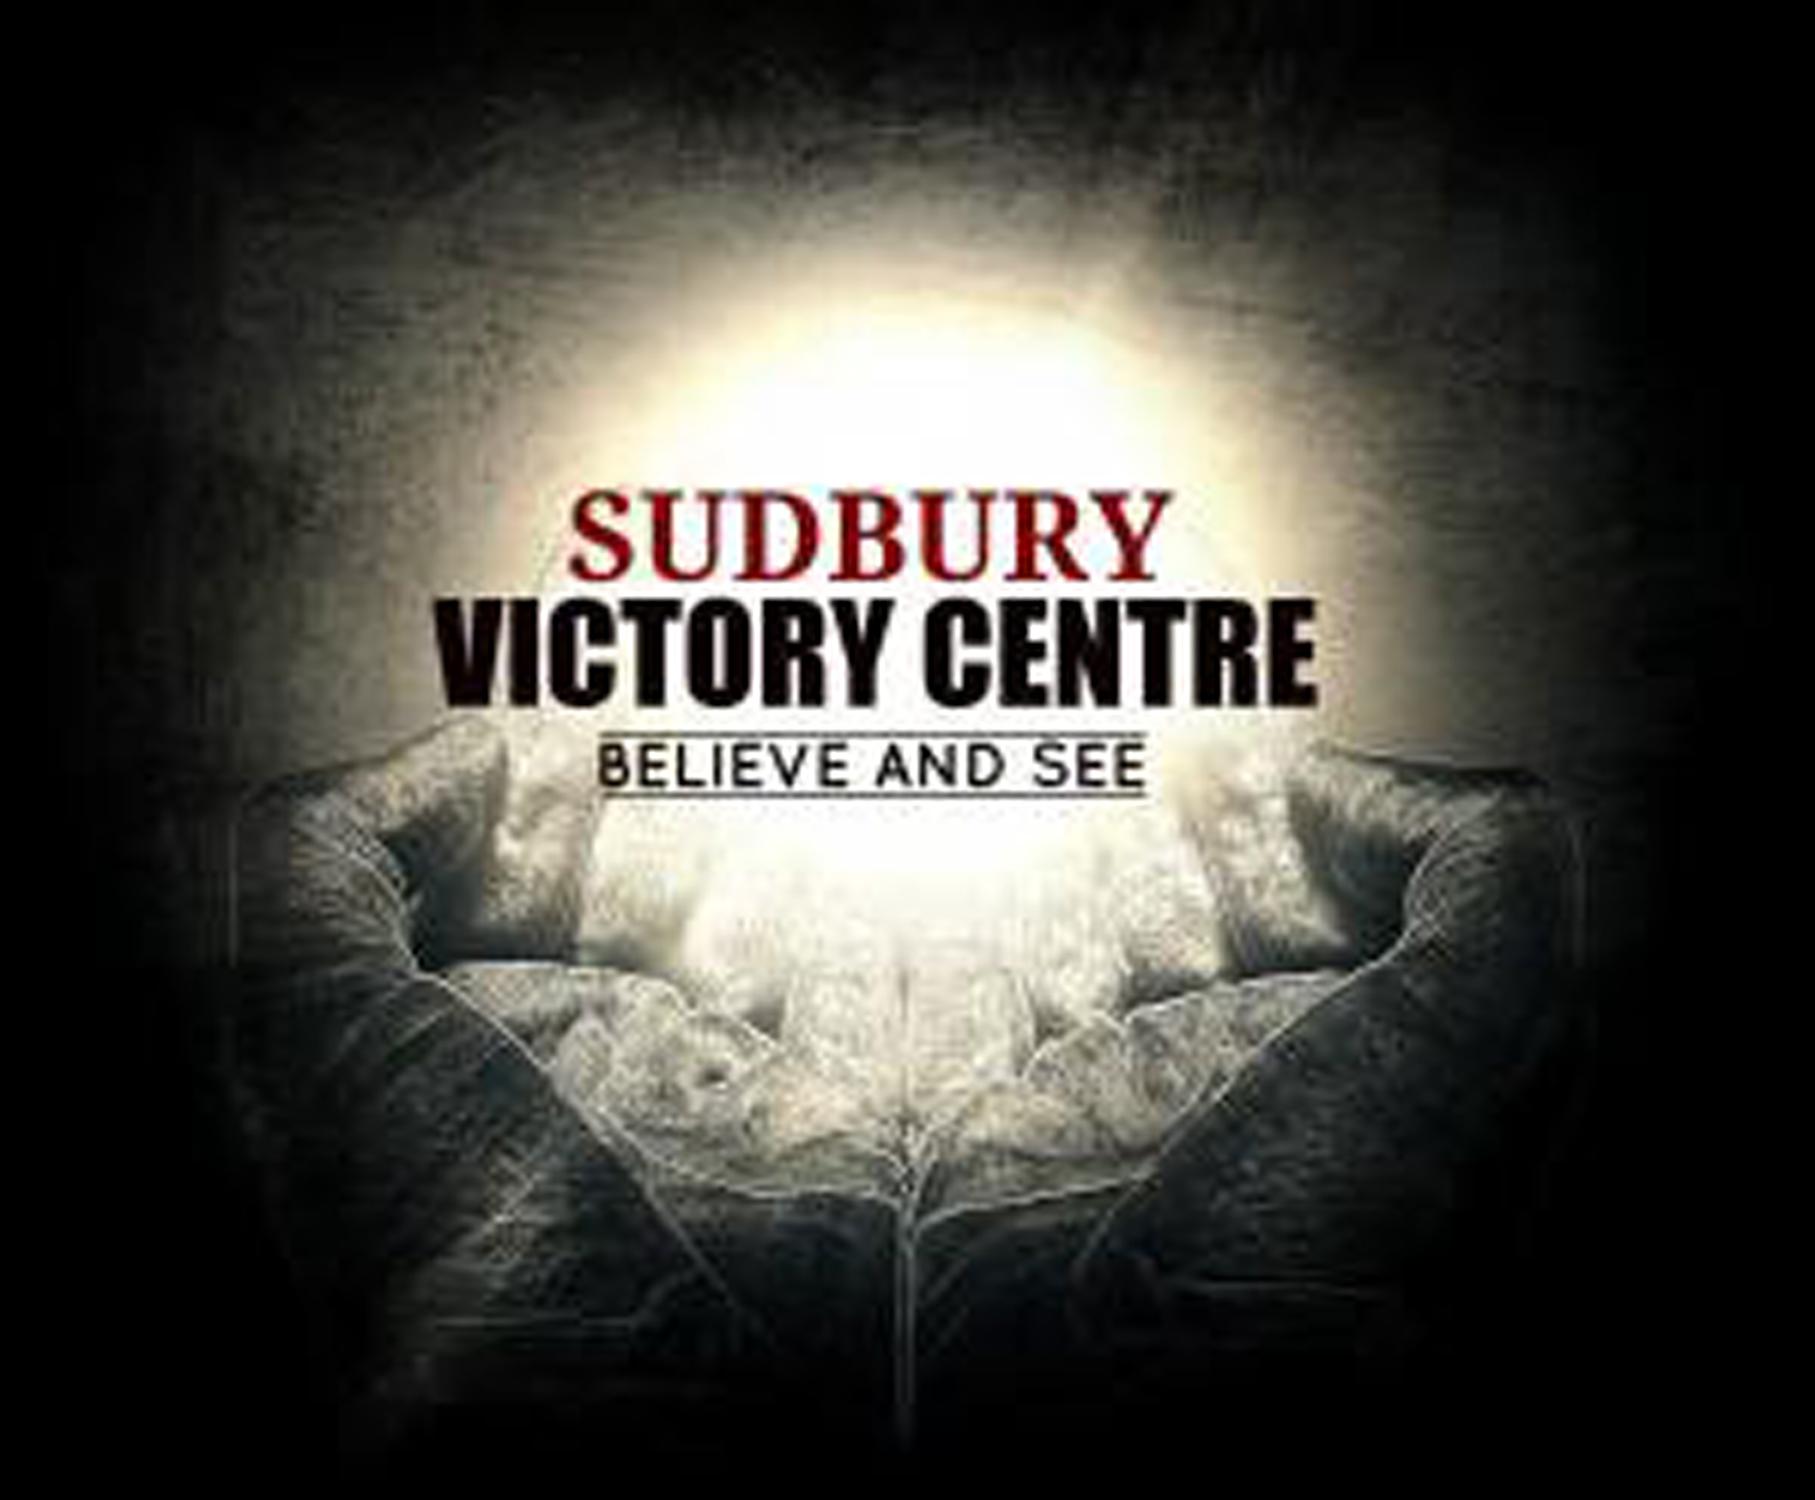 Sudbury Victory Centre